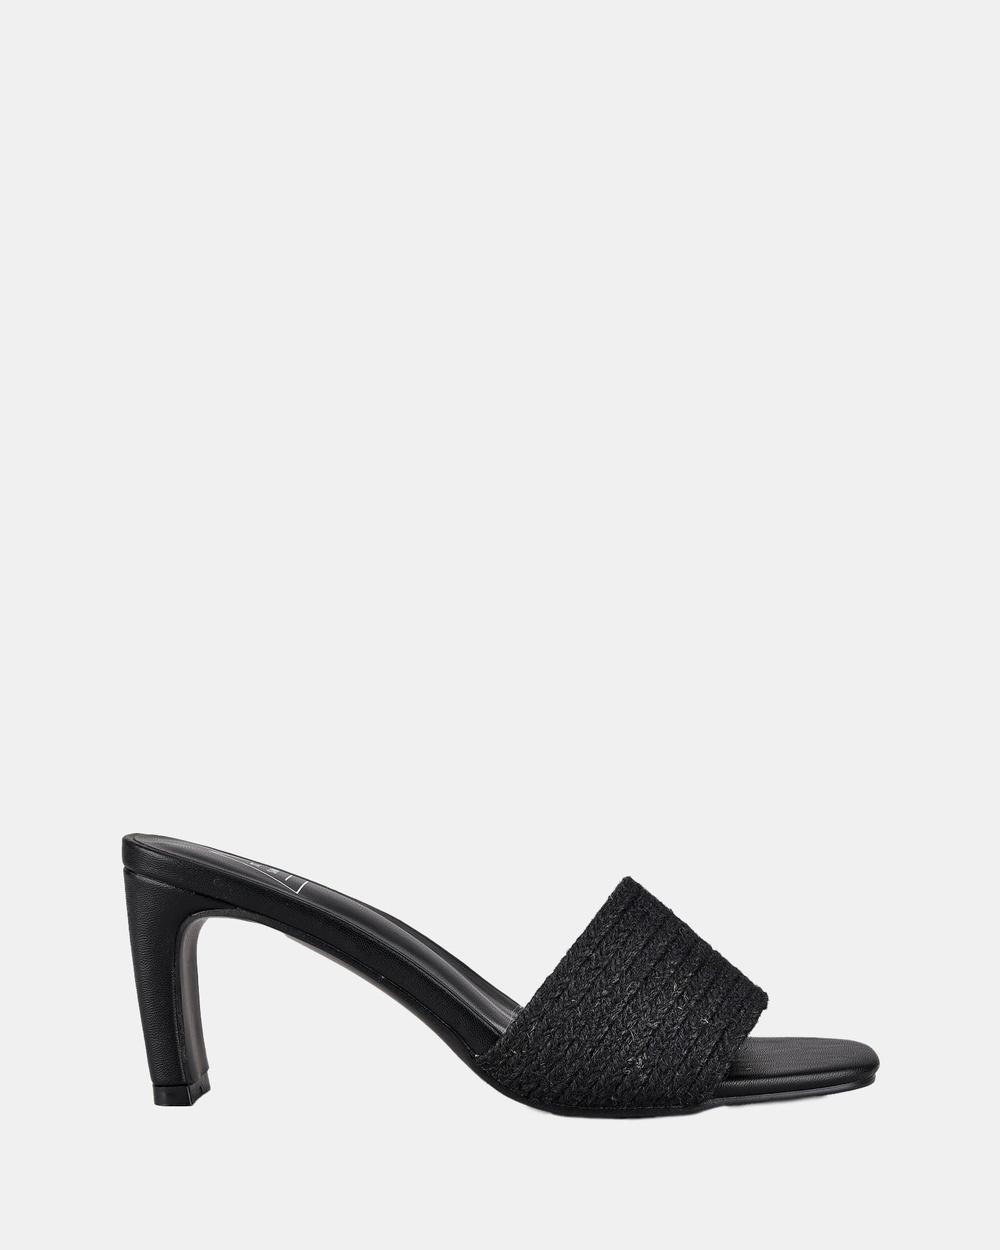 St Sana Daphne Mules Sandals Black Australia